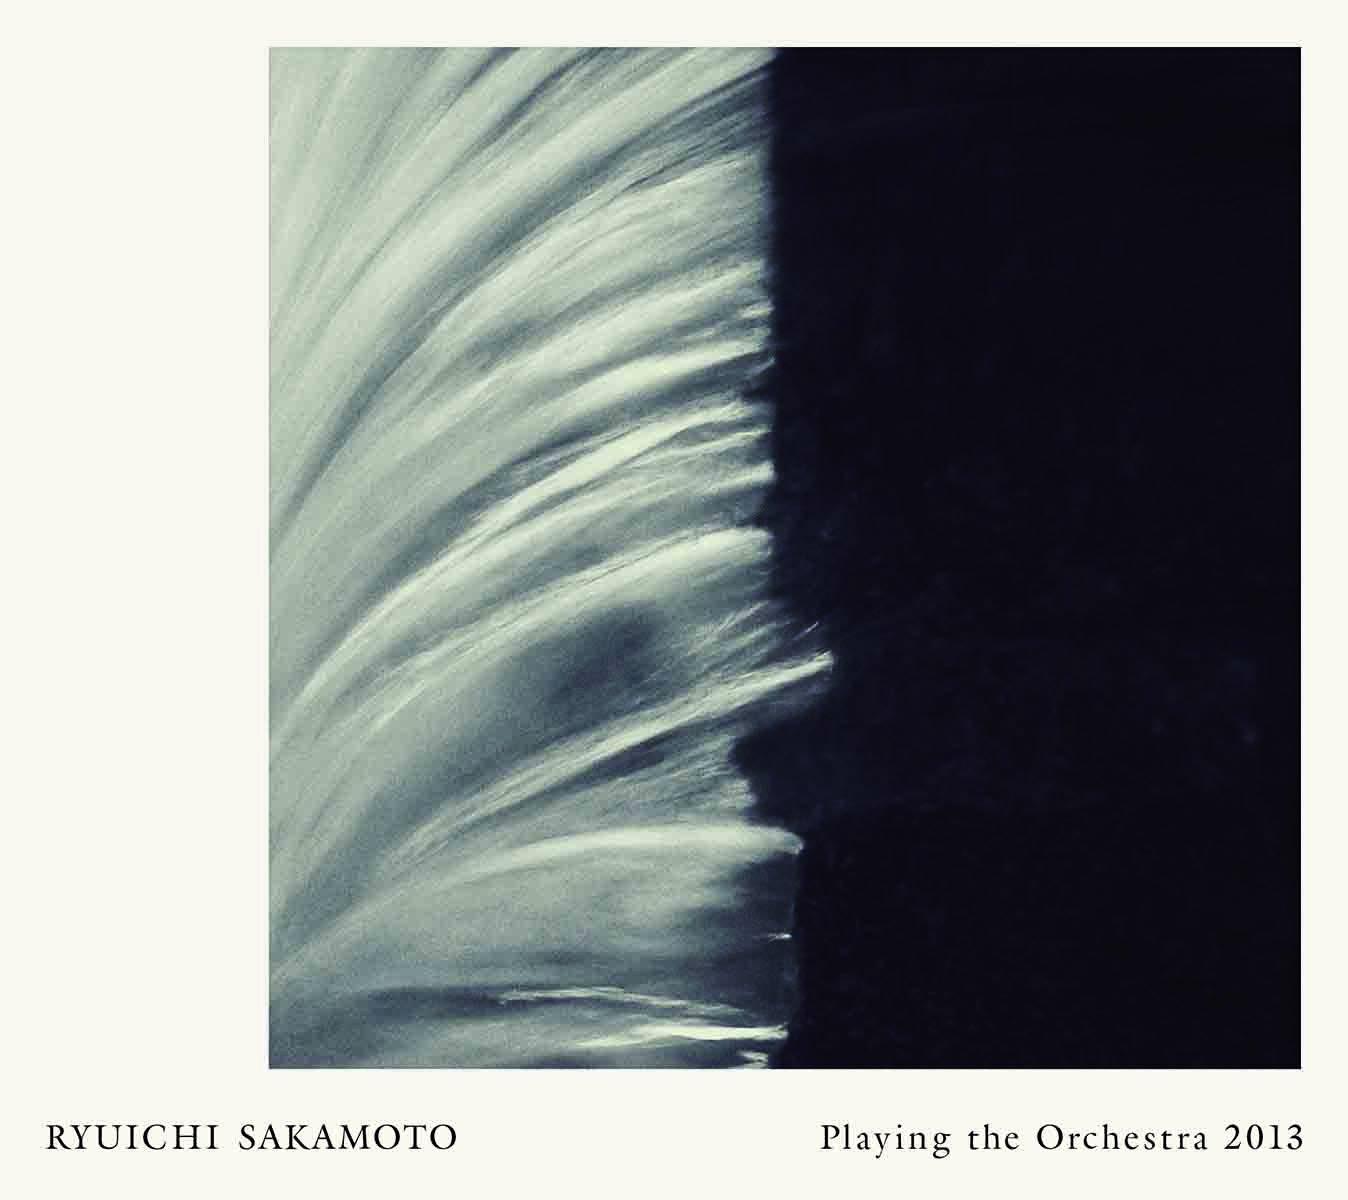 坂本龍一 (Ryuichi Sakamoto) – Ryuichi Sakamoto   Playing the Orchestra 2013 [Ototoy FLAC 24bit/96kHz]